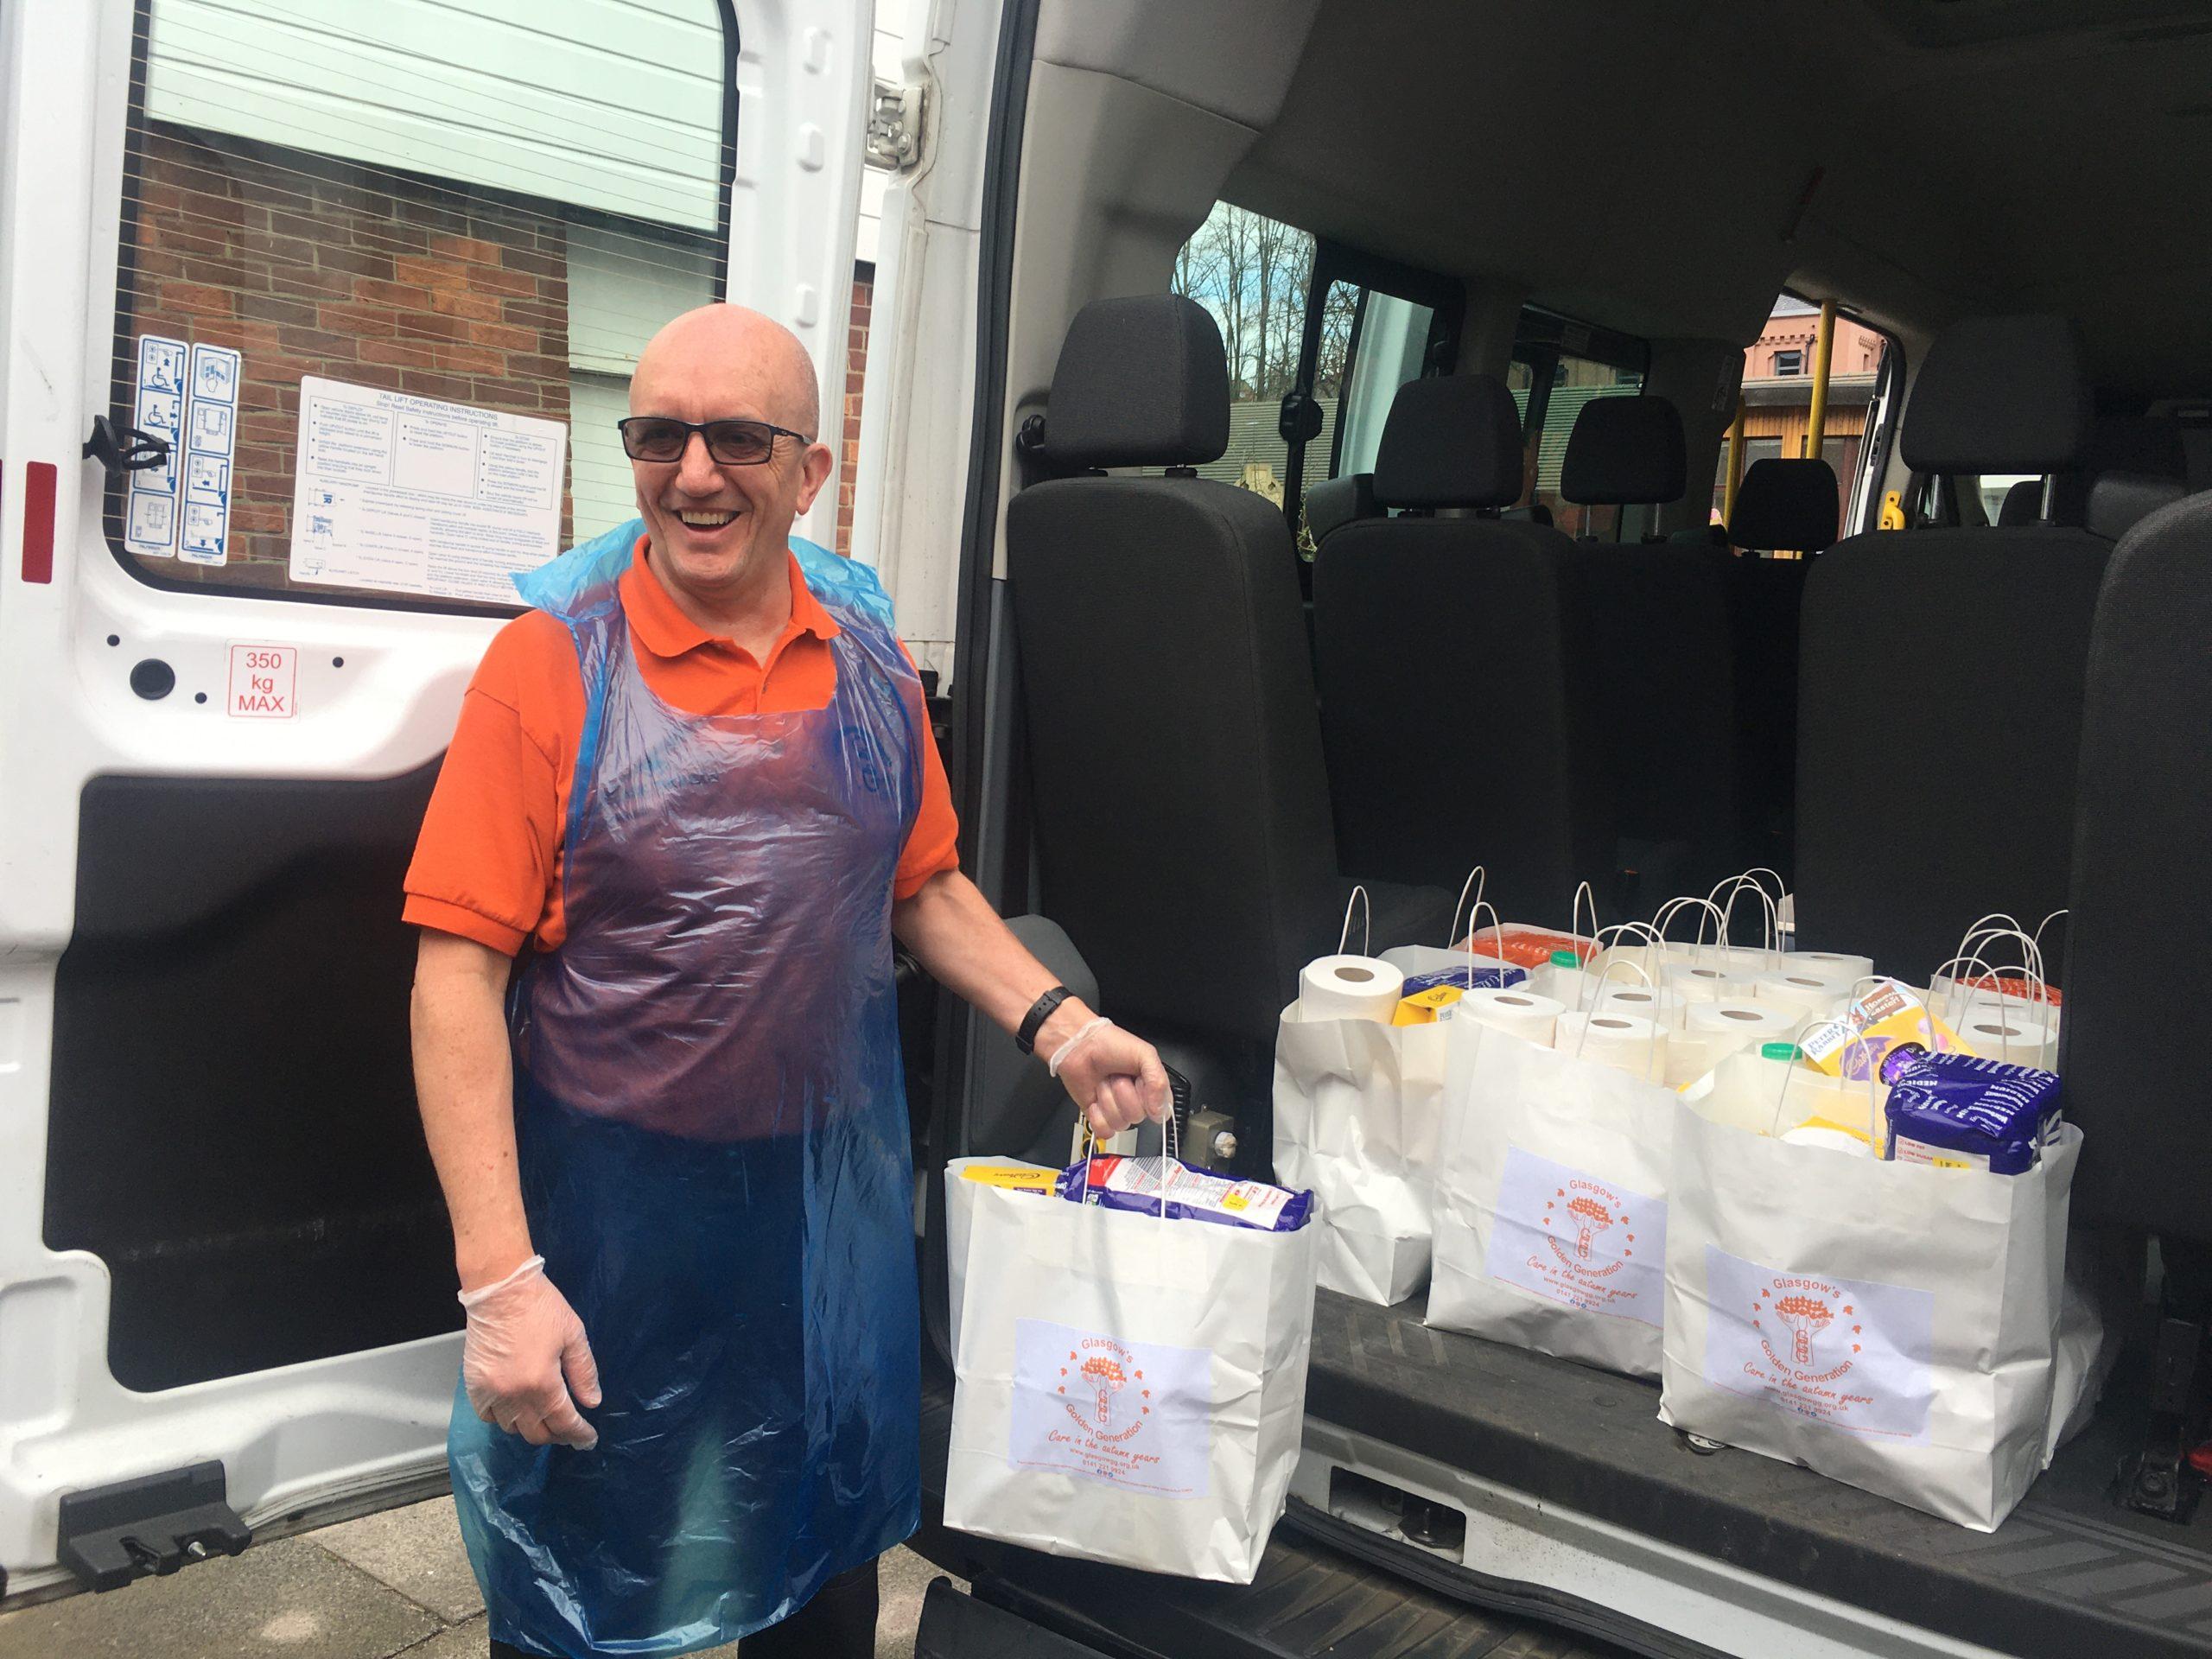 John is delivering food packs